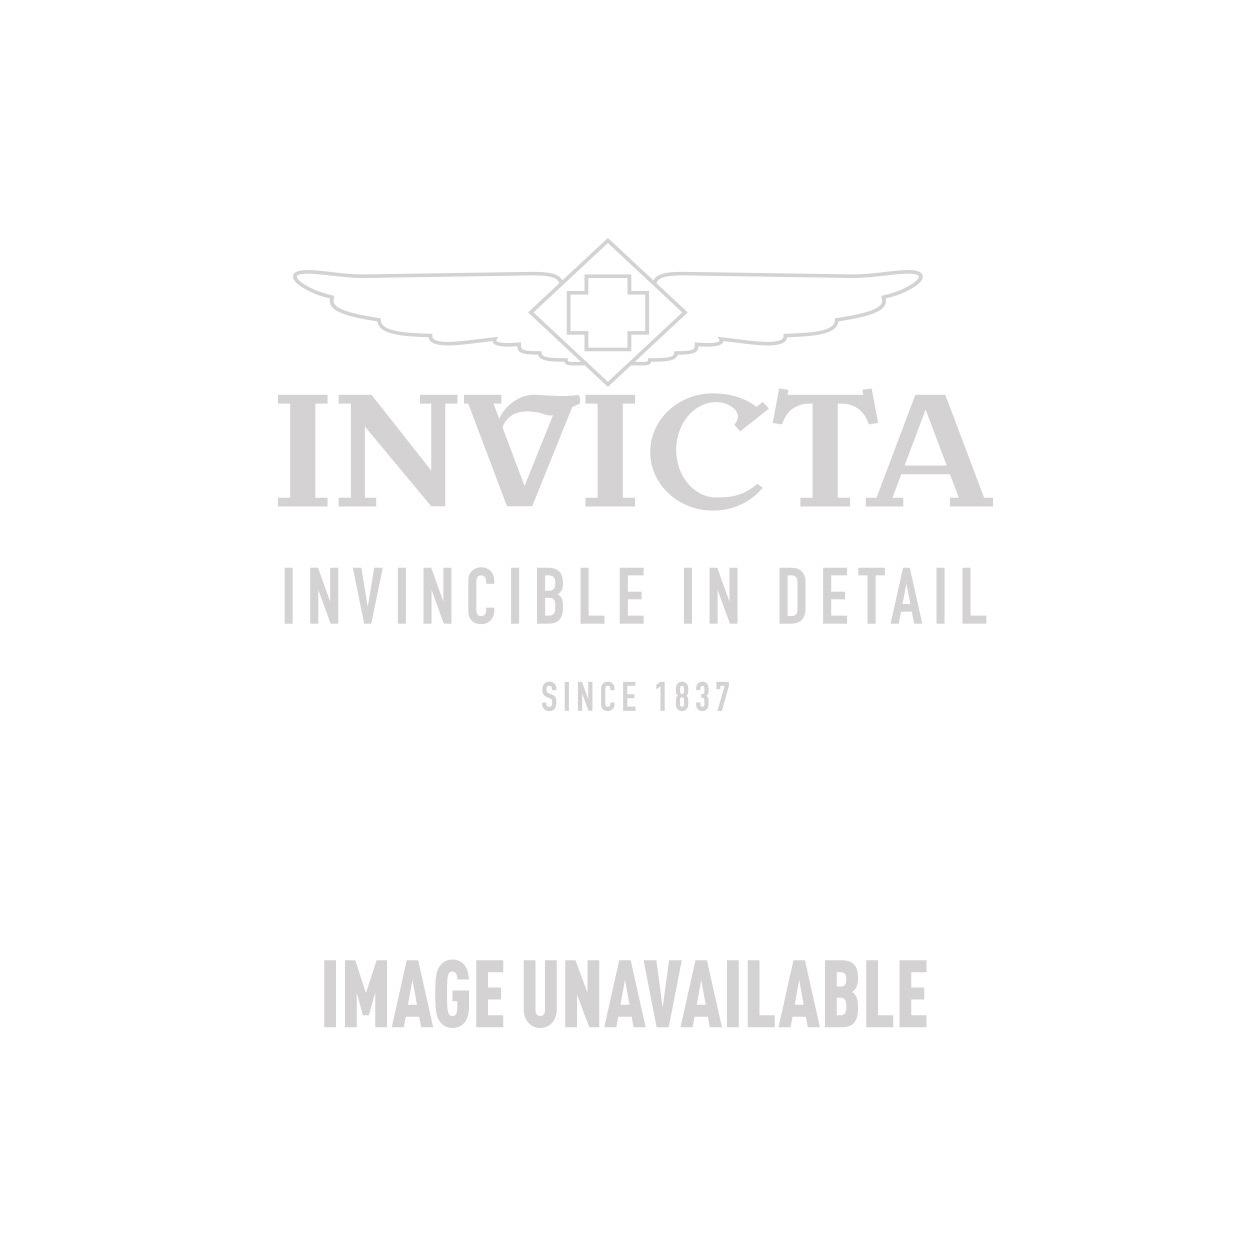 Invicta Model 25170